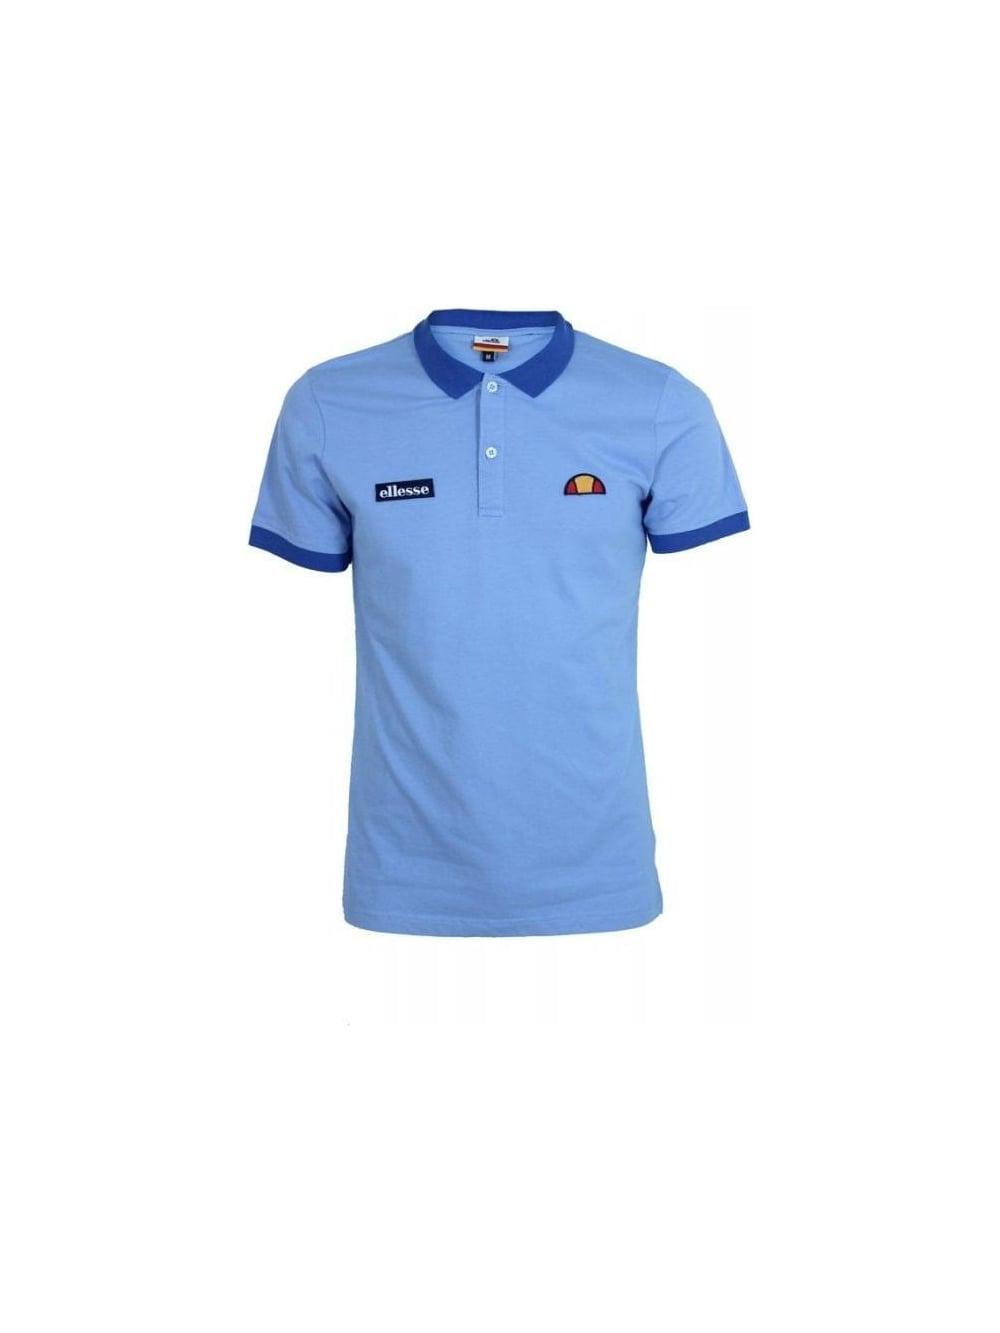 9887d53cf9 Ellesse Lessepsia Polo - Placid Blue